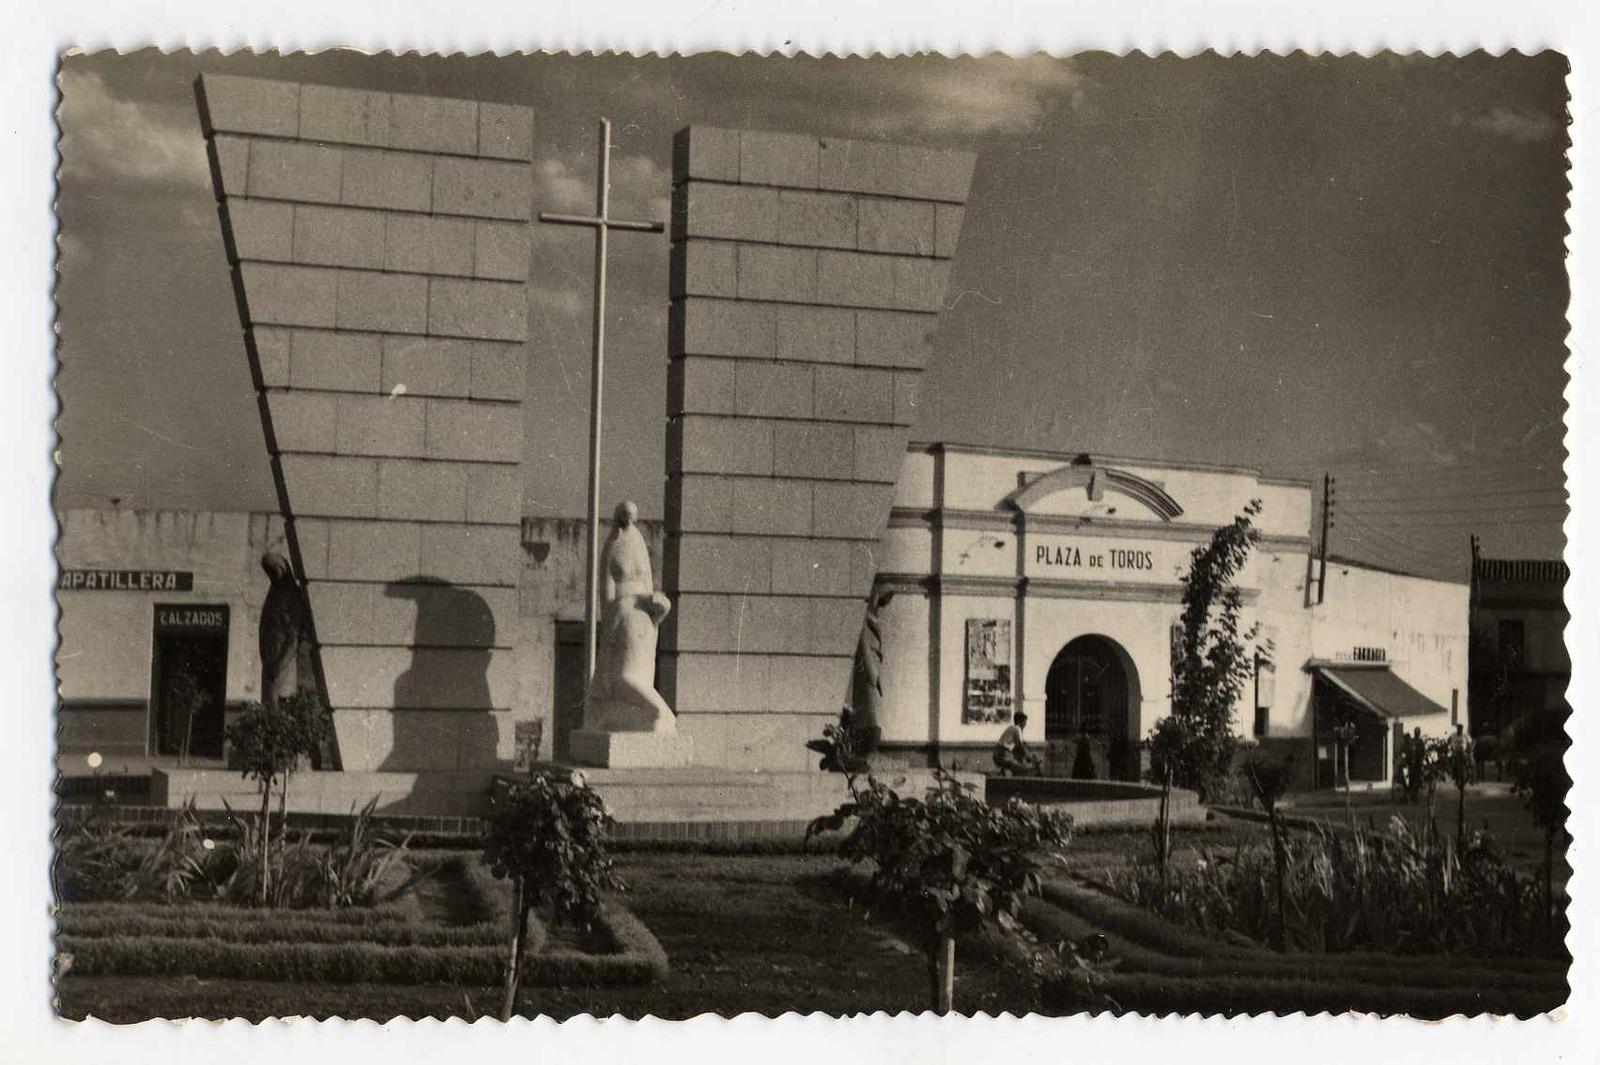 Plaza de Toros Años 60